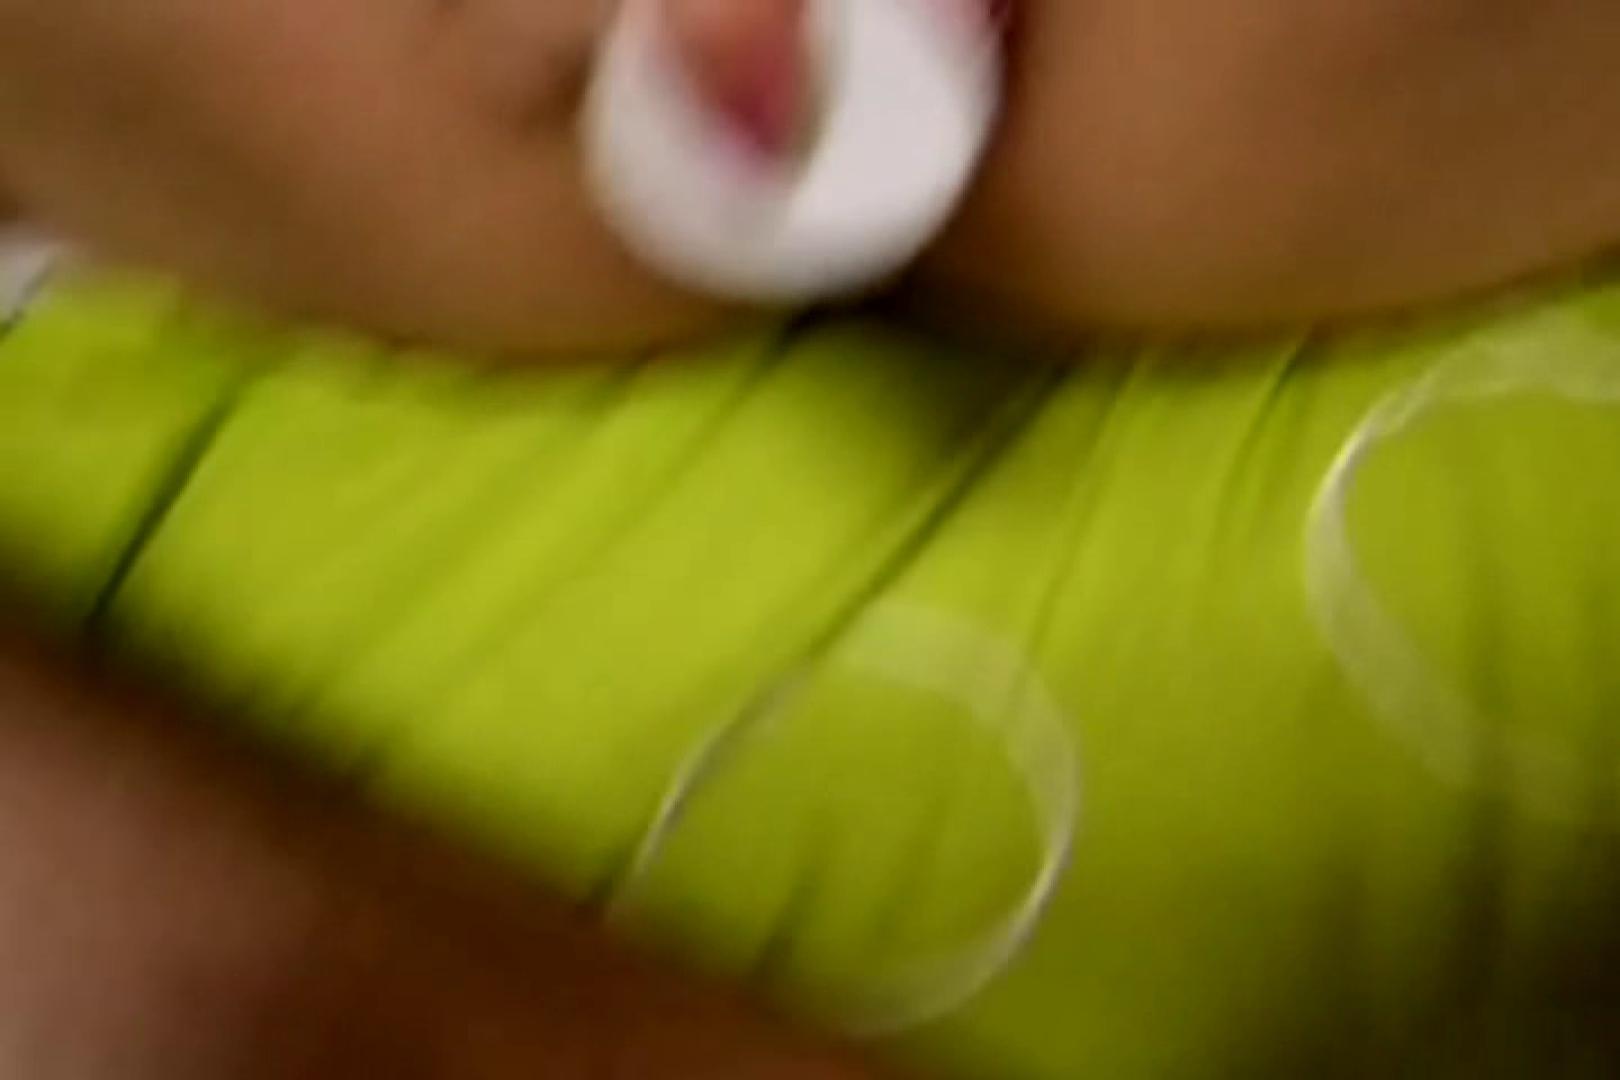 ウイルス流出 スクラムハット社長のアルバム バイブプレイ セックス画像 106pic 74